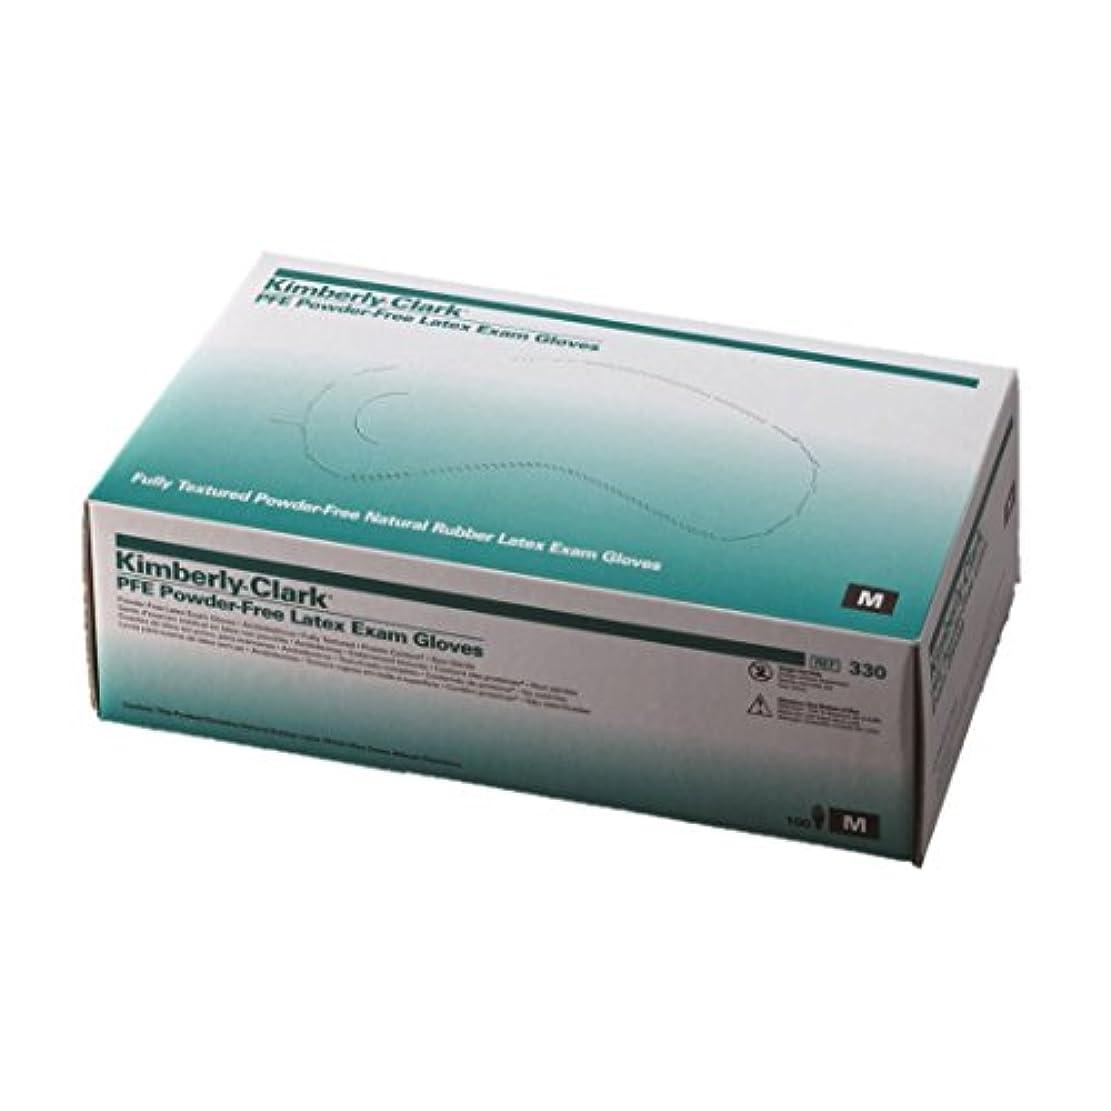 ラテックスグローブ(PFE) 10 箱